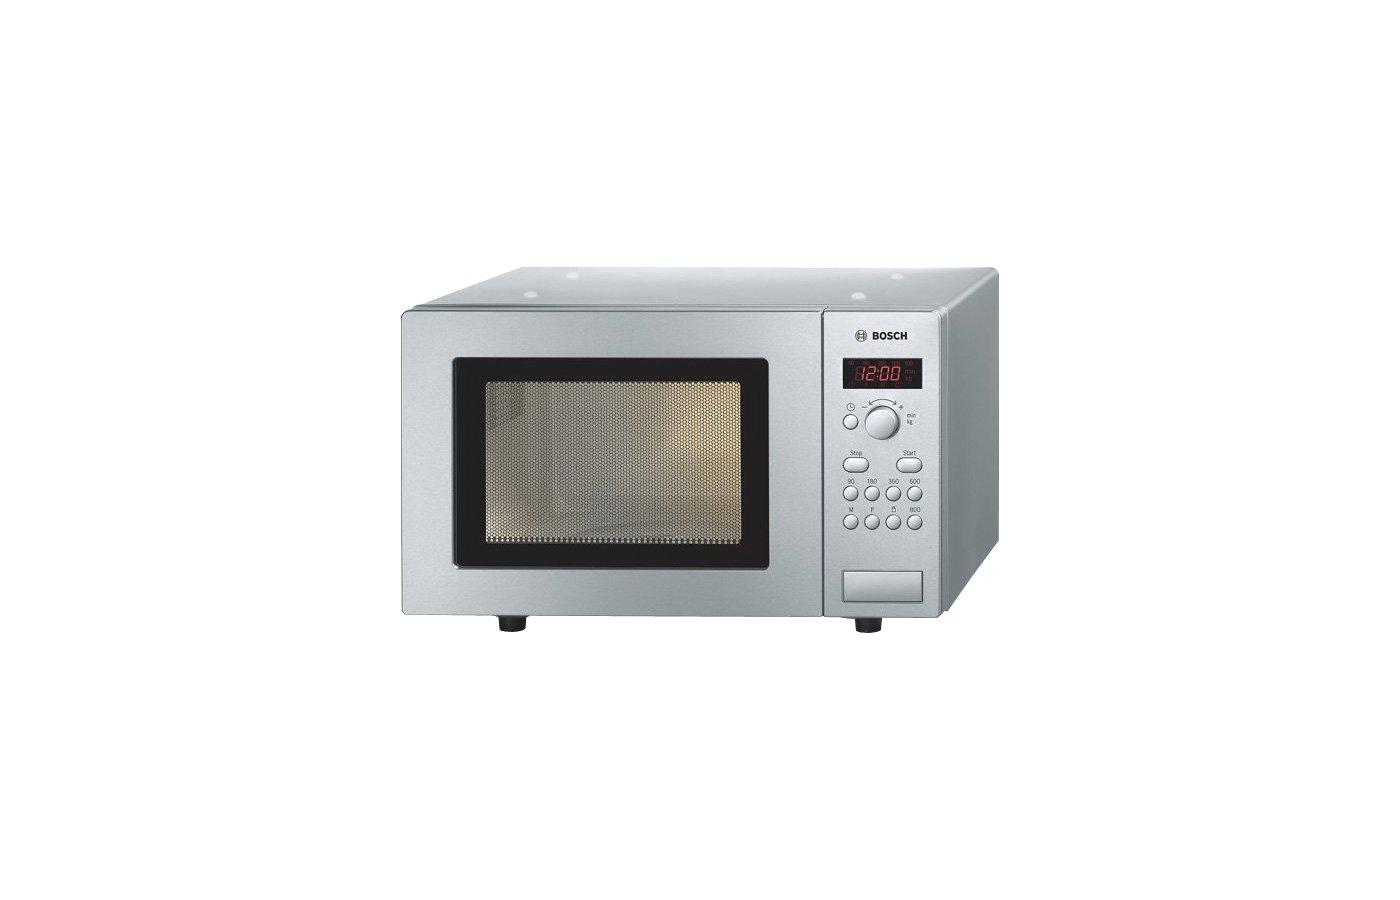 Микроволновая печь BOSCH HMT 75M451r